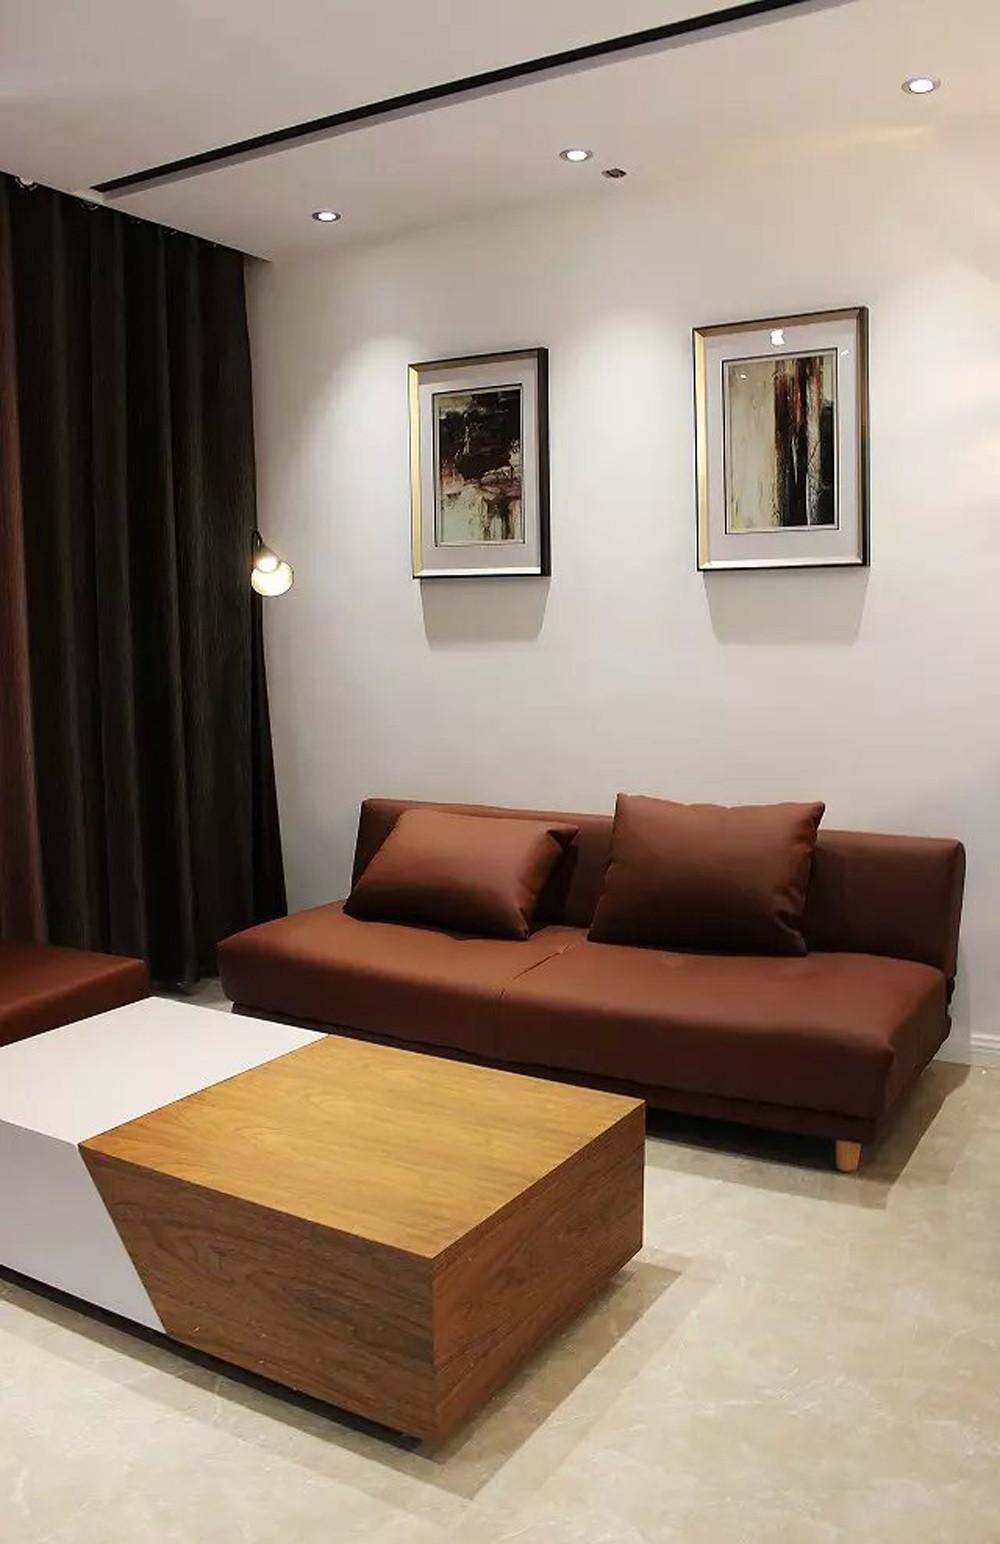 二居室简约家沙发图片